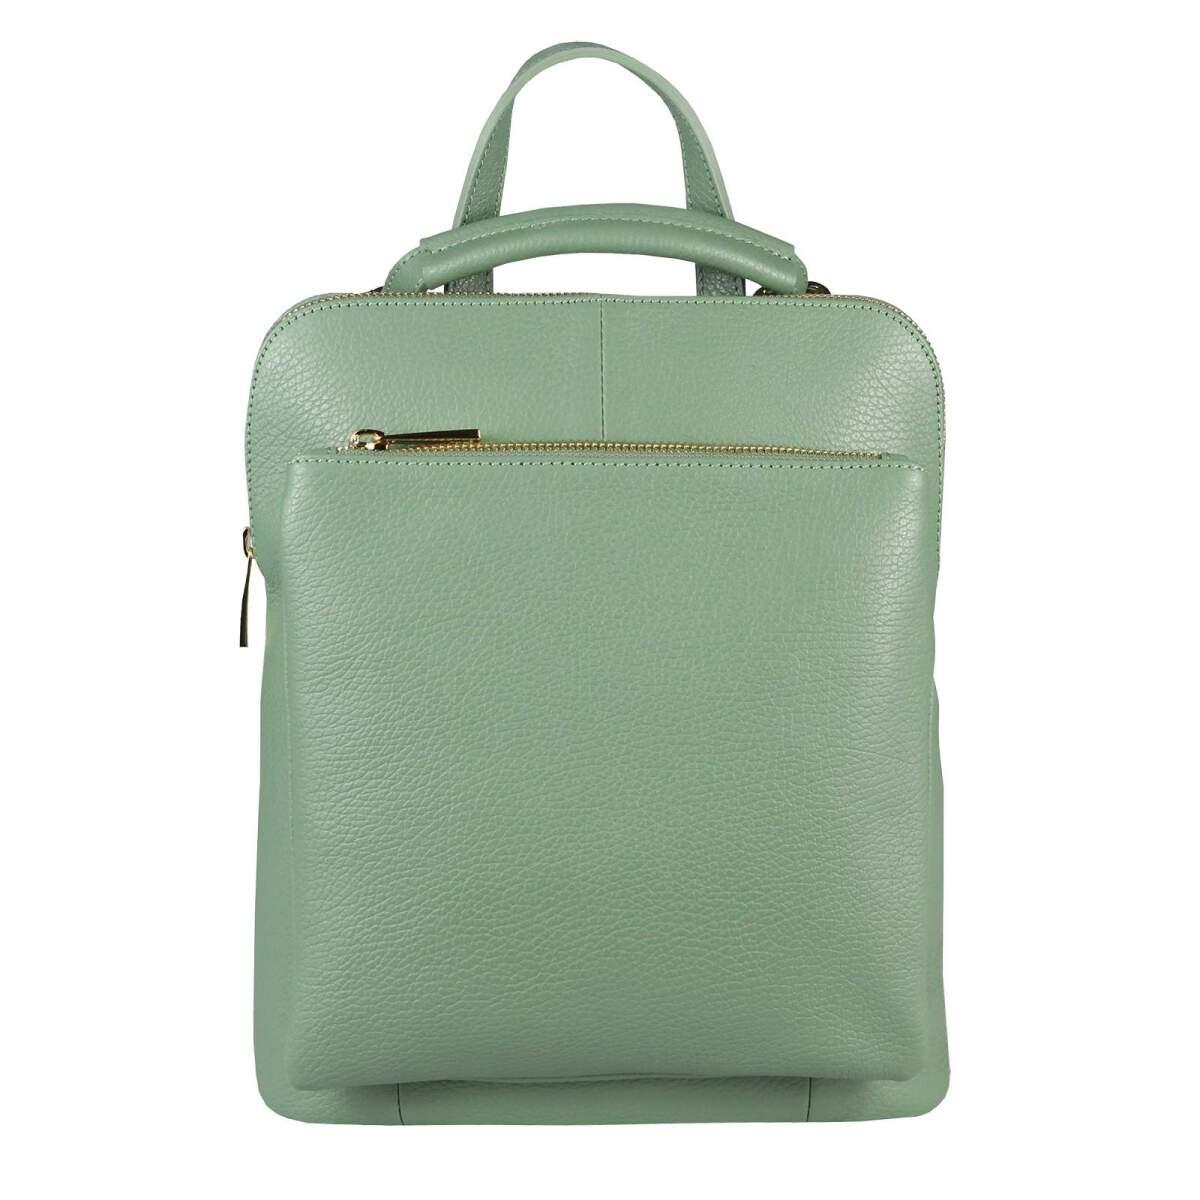 kinder wähle spätestens neuer & gebrauchter designer OBC Made in Italy Damen echt Leder Rucksack Daypack Lederrucksack Tasche  Schultertasche Ledertasche Handgepäck Nappaleder